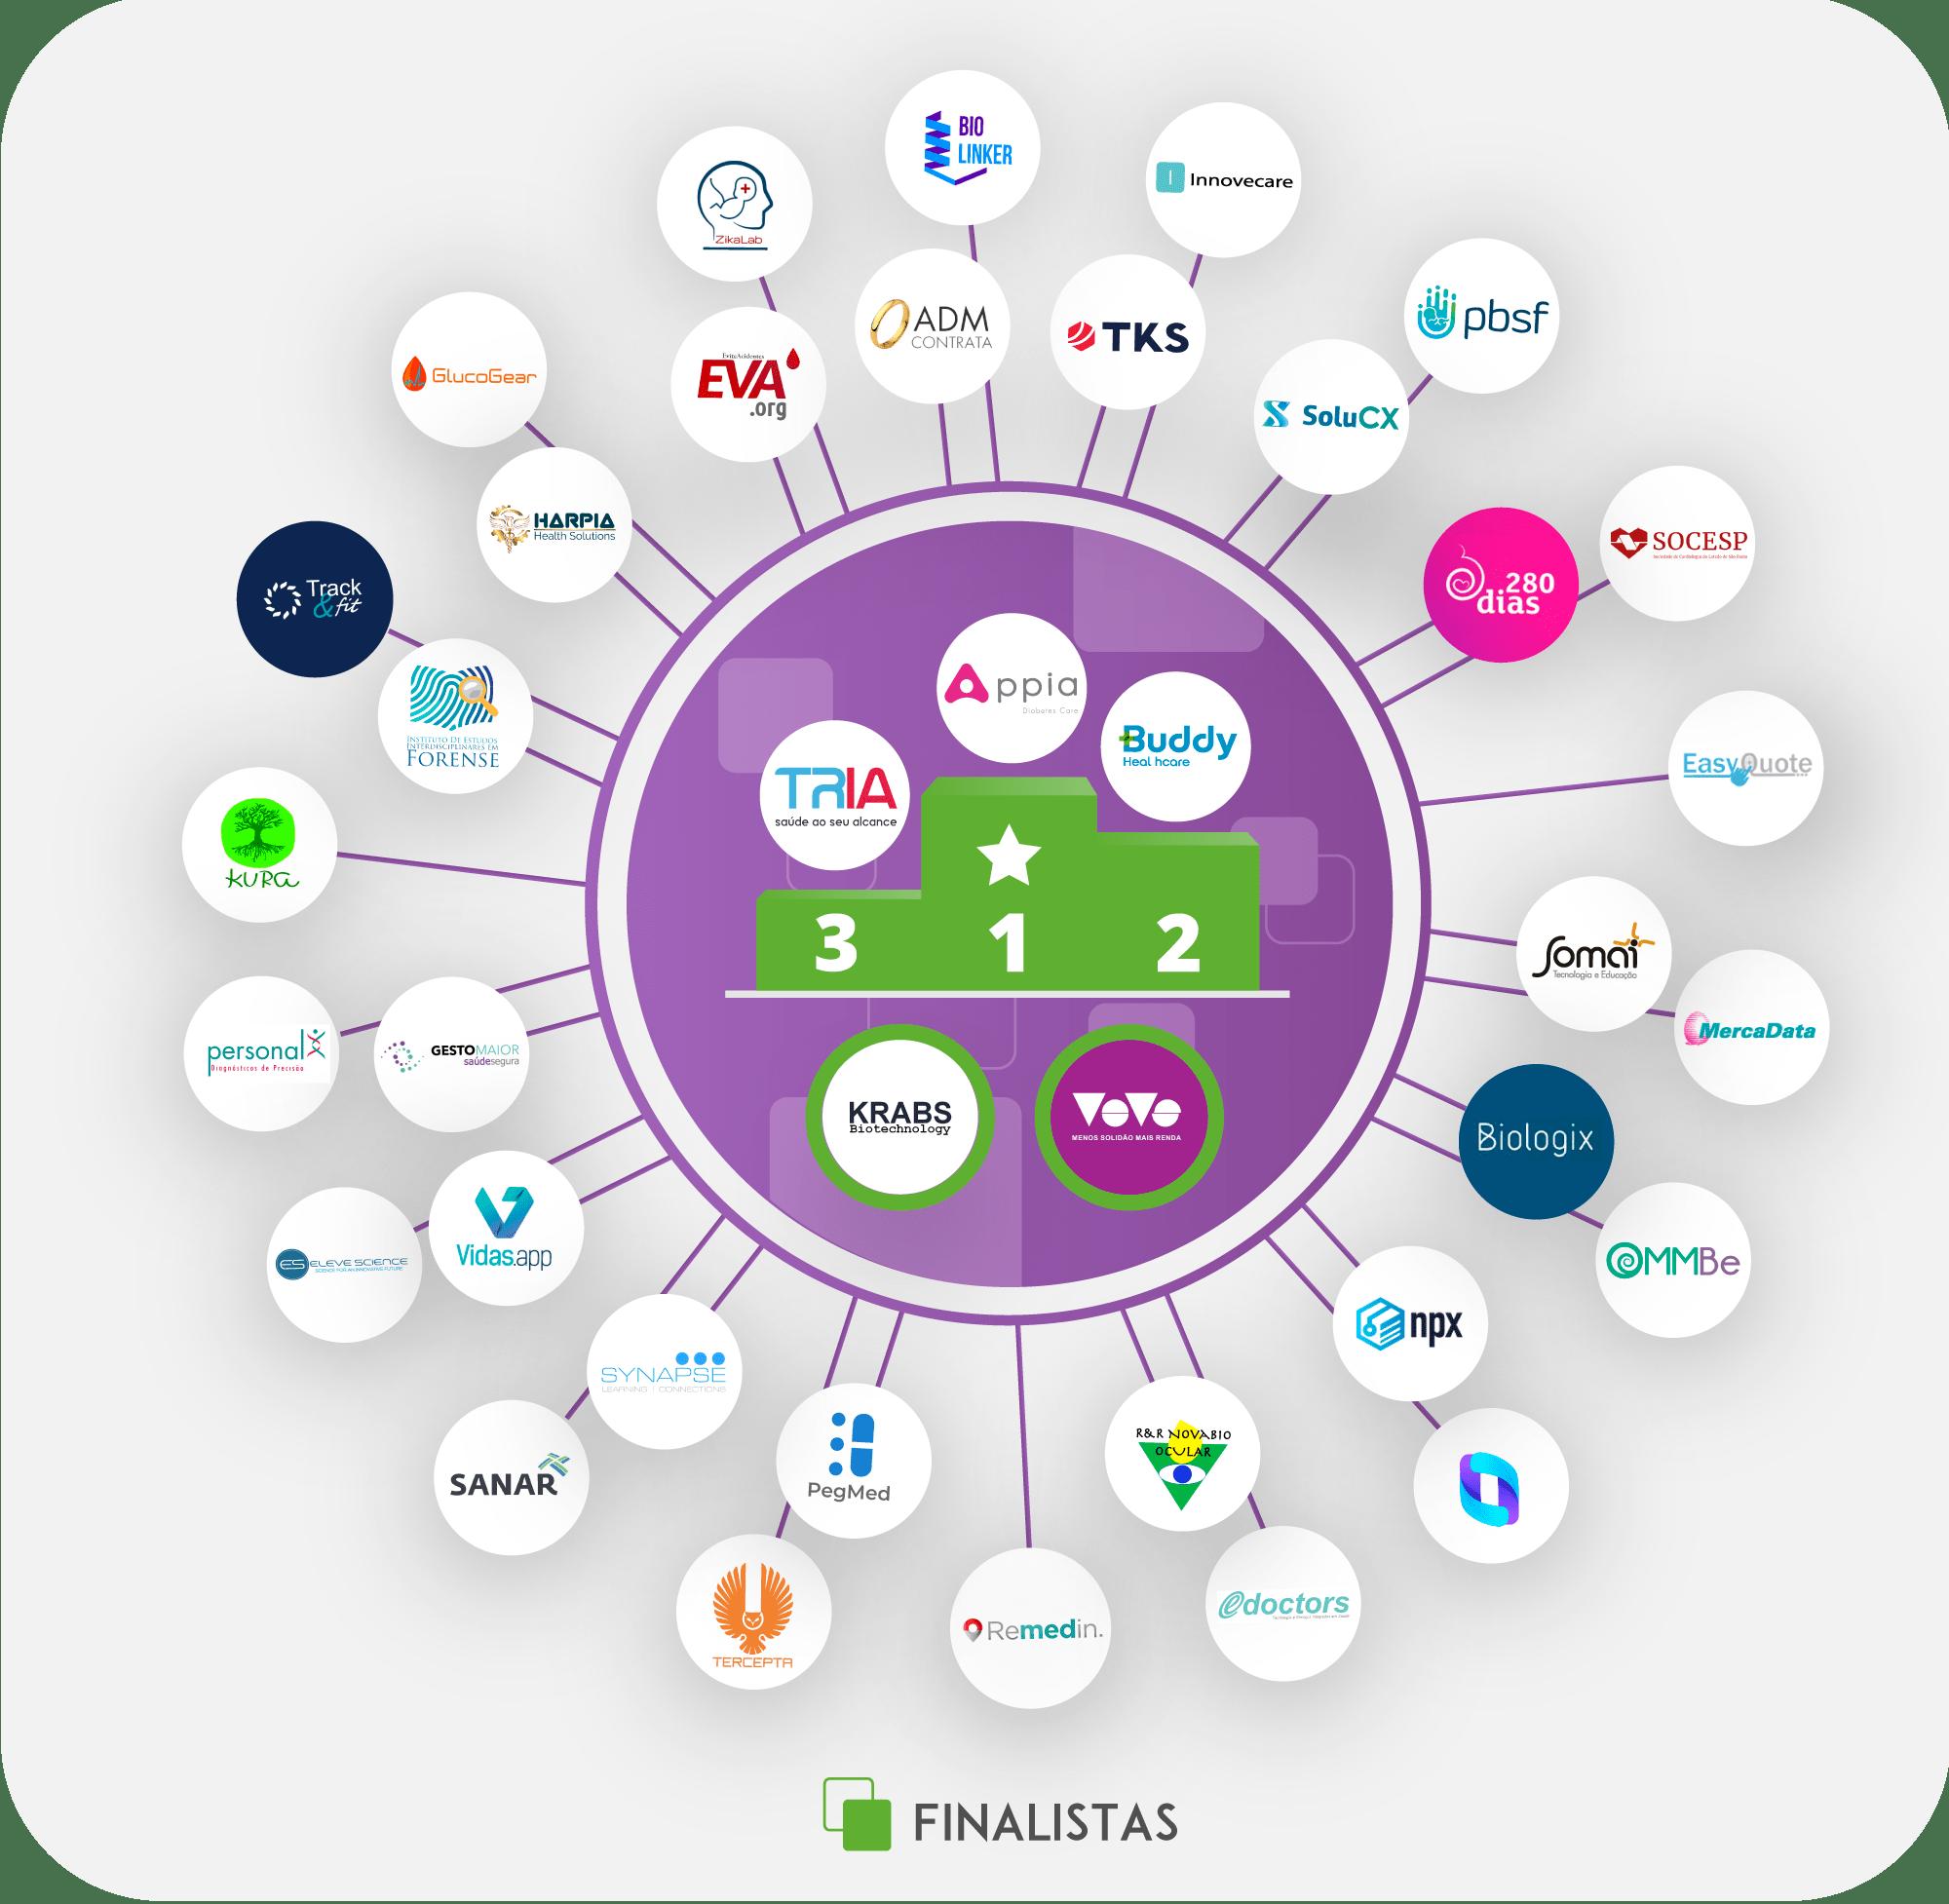 A imagem mostra o Mapa das startups